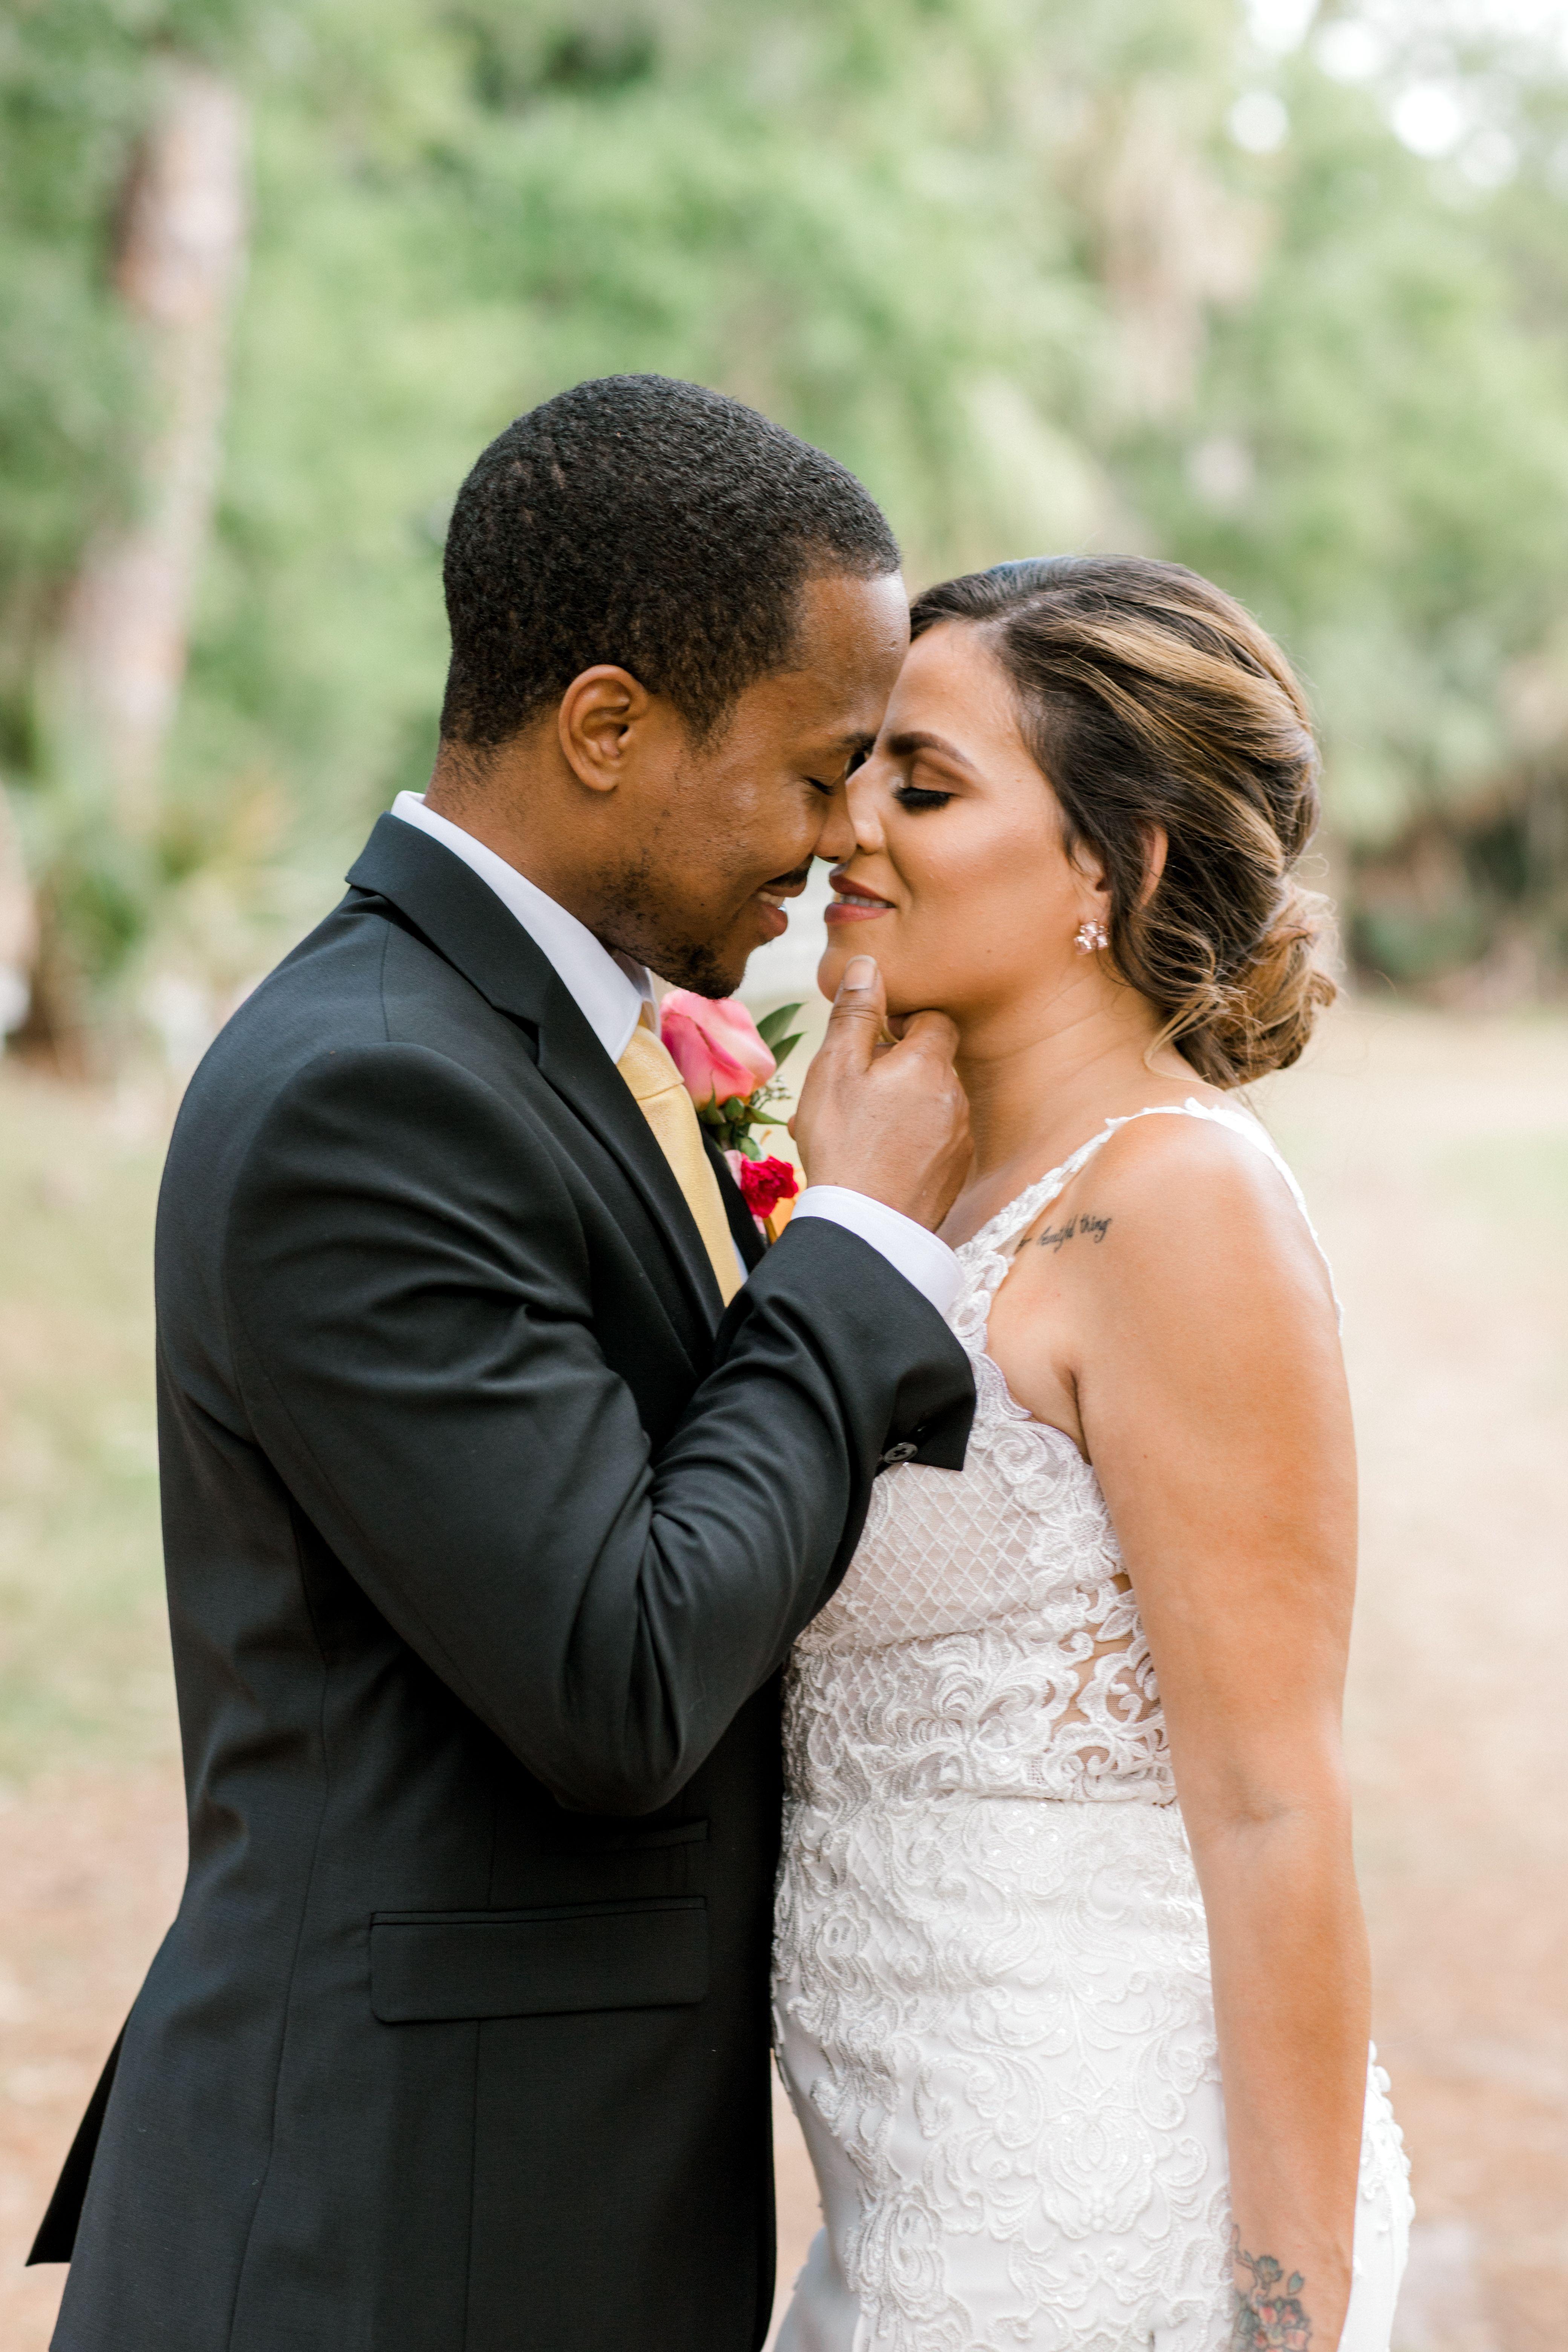 Orlando Wedding Photography Sanford Florida Lake Mary Winter Park Wedding Photographer Light And Airy N Orlando Wedding Photography Orlando Wedding Photography